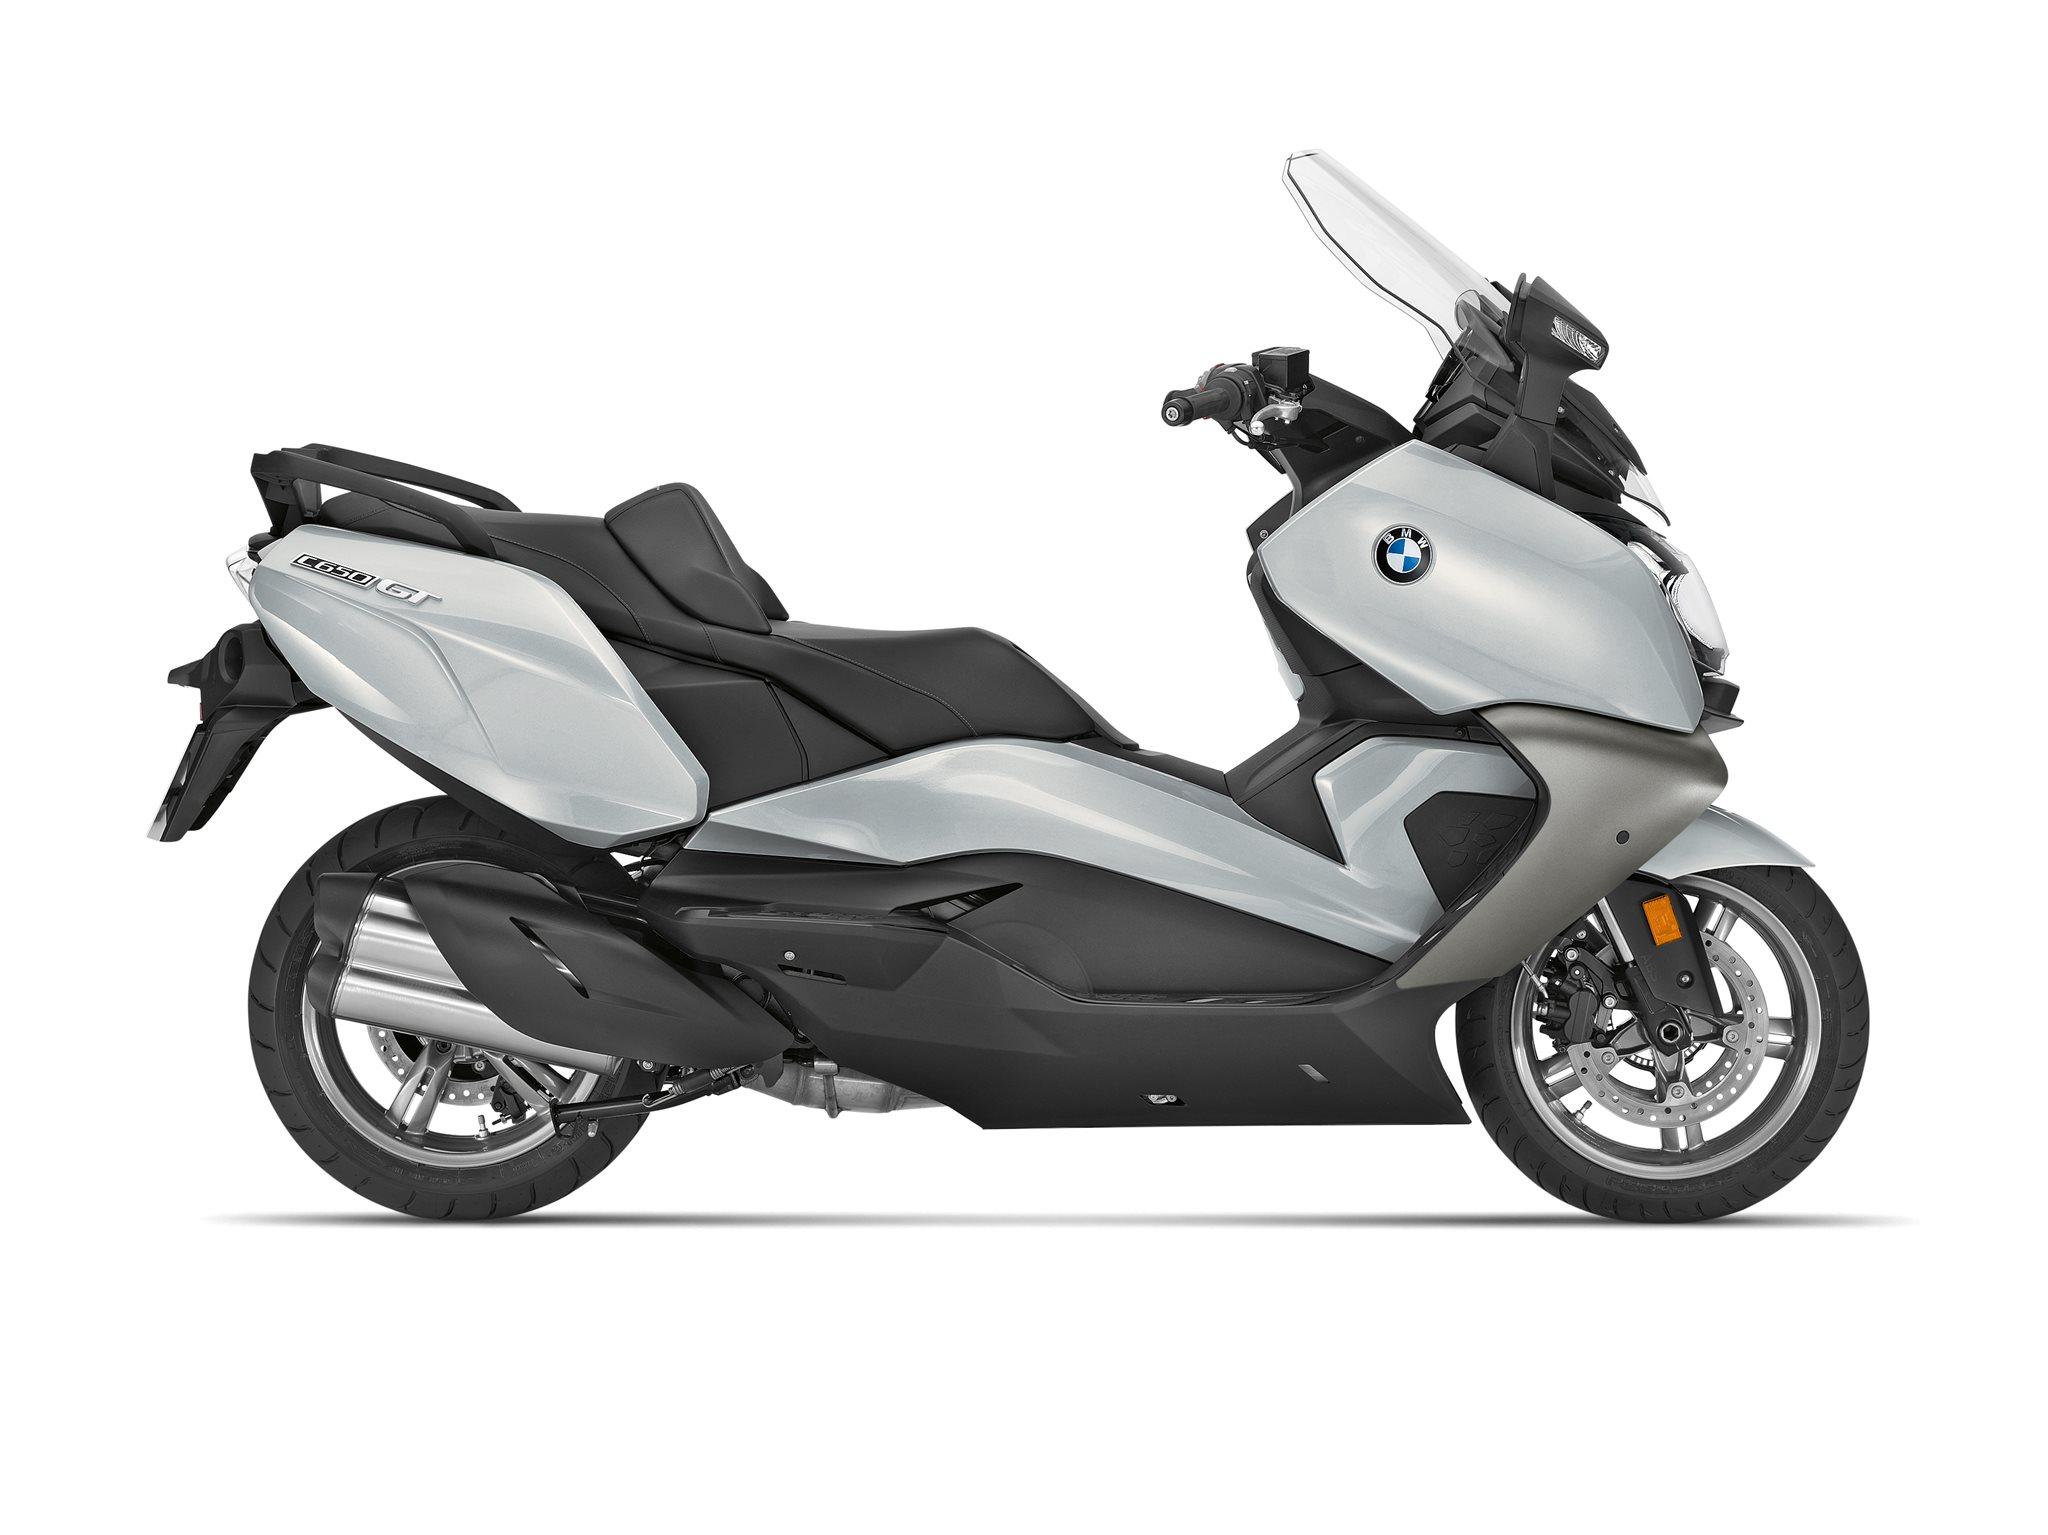 Gebrauchte Und Neue Bmw C 650 Gt Motorrader Kaufen